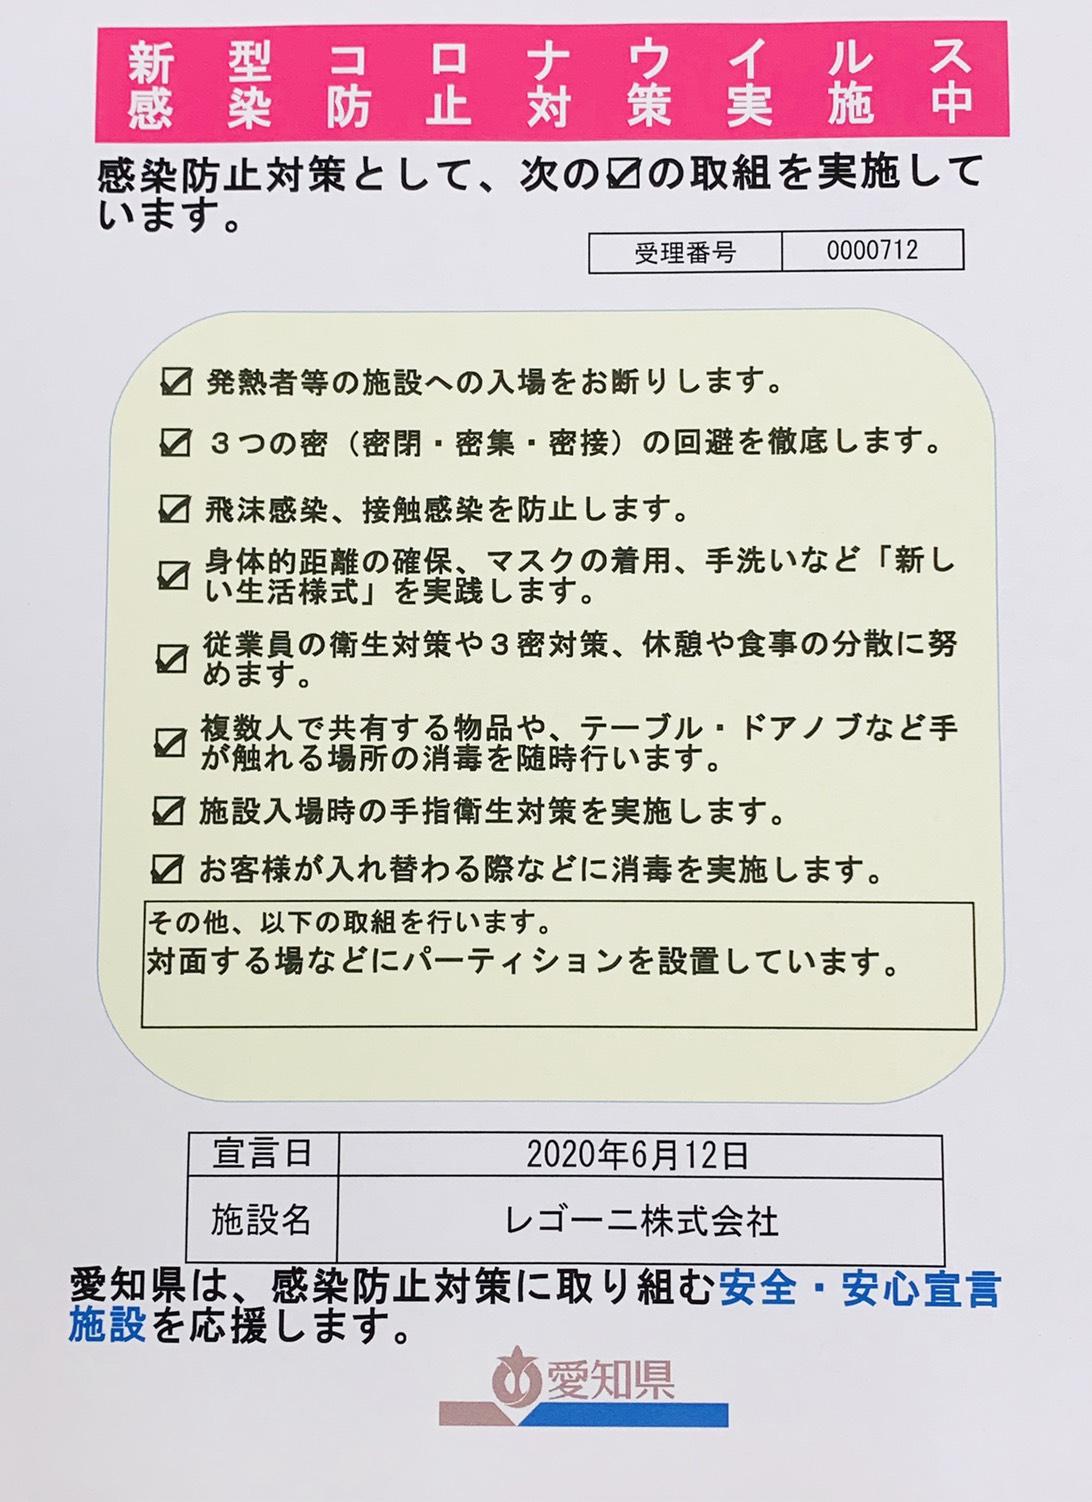 コロナ対策ステッカーとポスター (1)